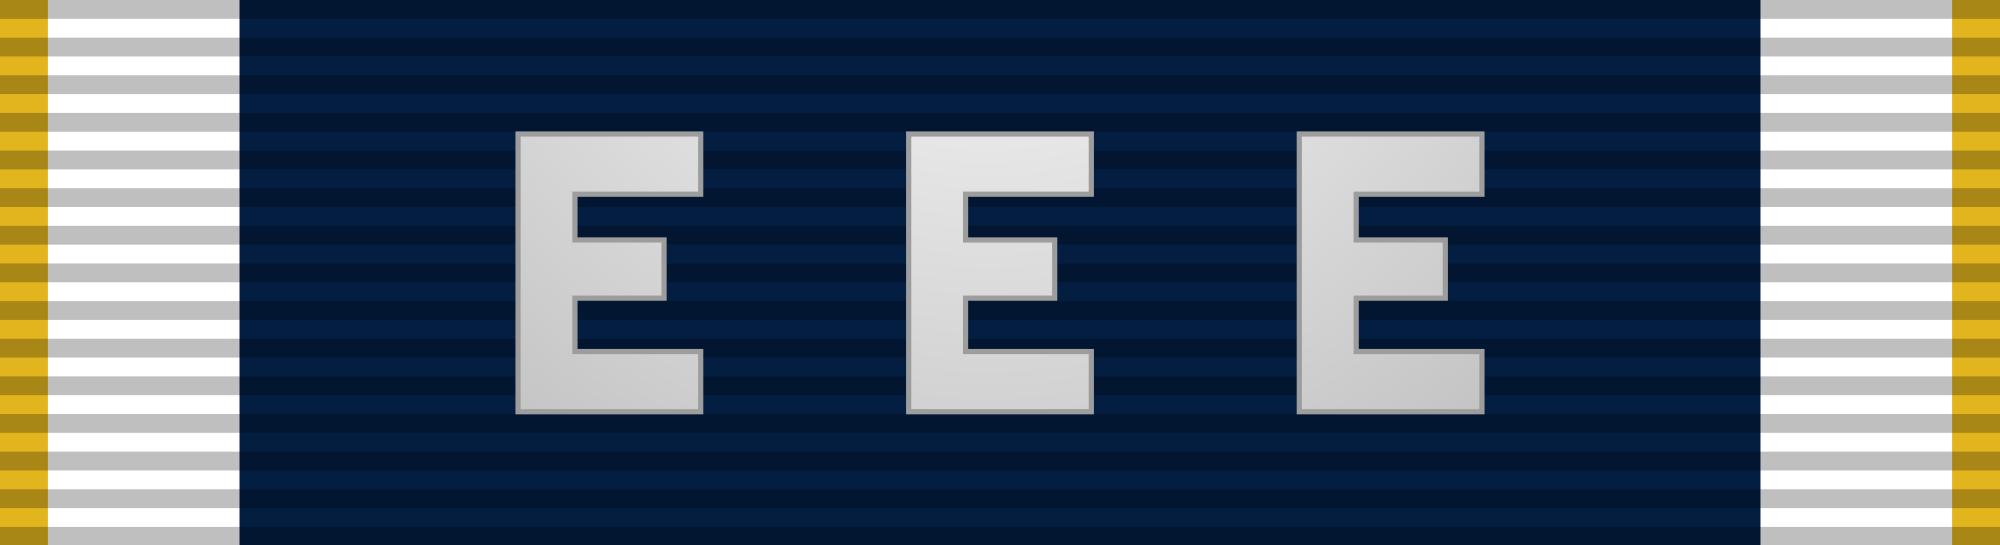 Battle-e-ribbon 3rd award.png